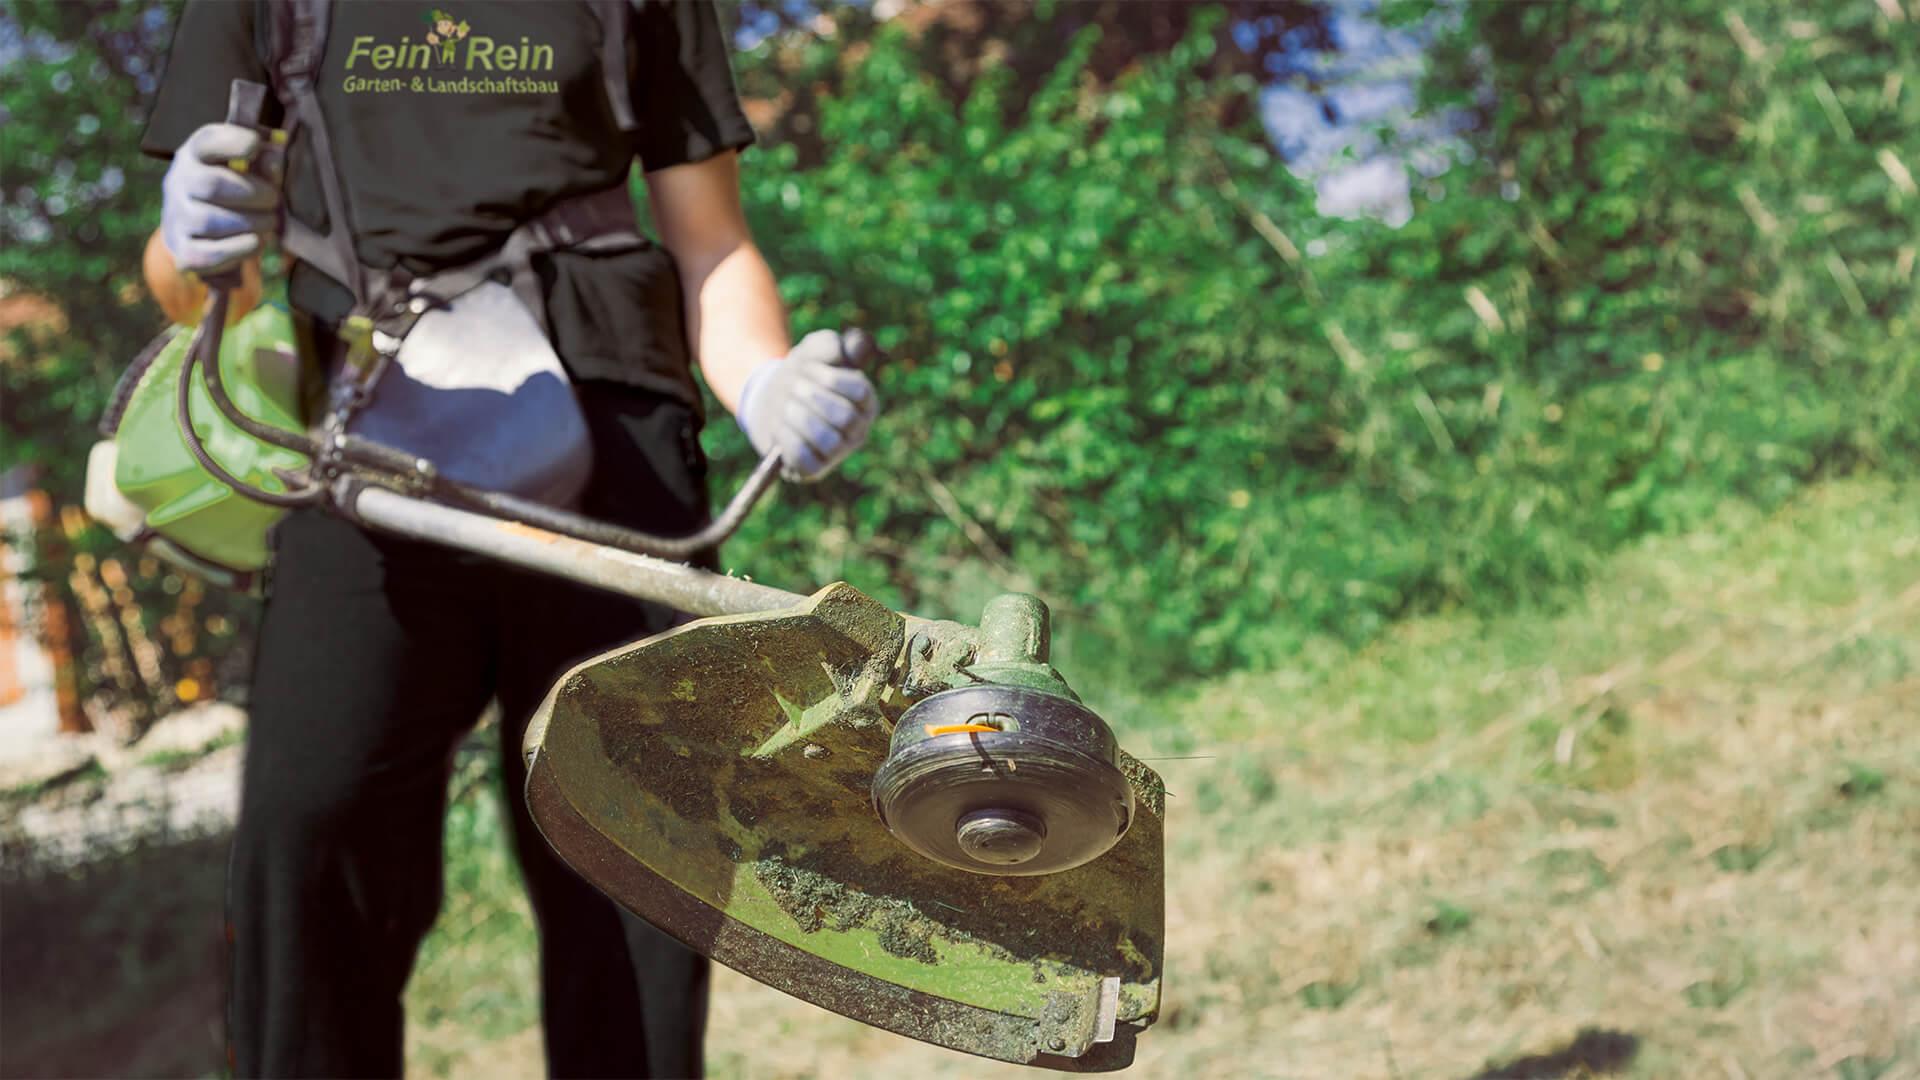 Fein & Rein Garten- und Landschaftsbau bei der Arbeit